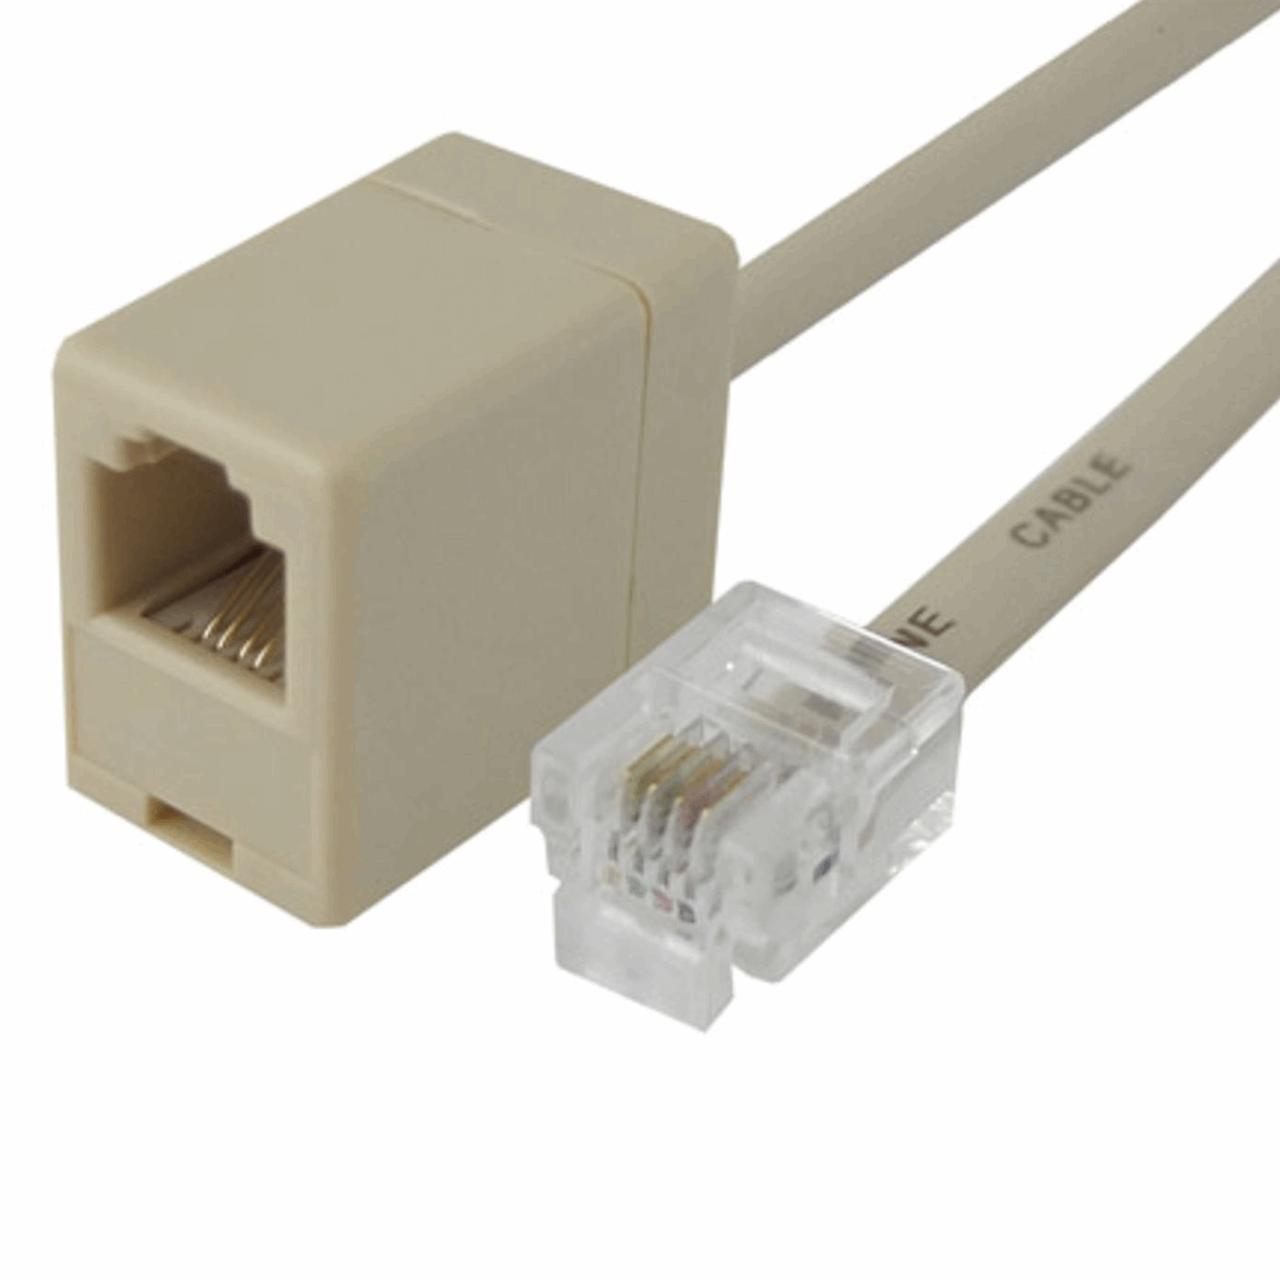 کابل افزایش طول تلفن دایو مدل DT8108  به طول 8 متر